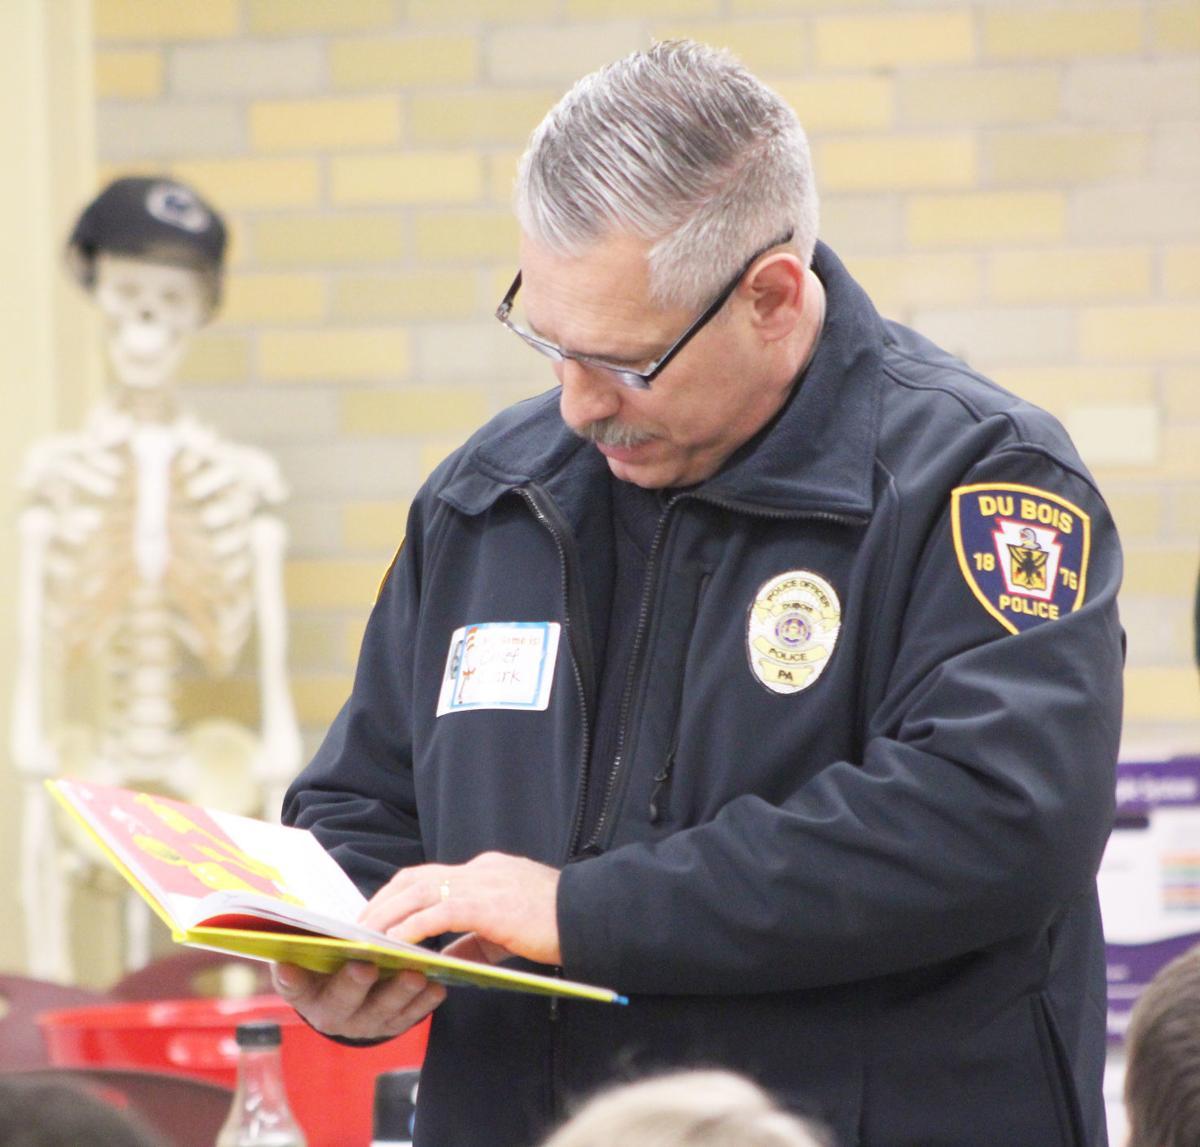 DuBois City Police Chief Blaine Clark